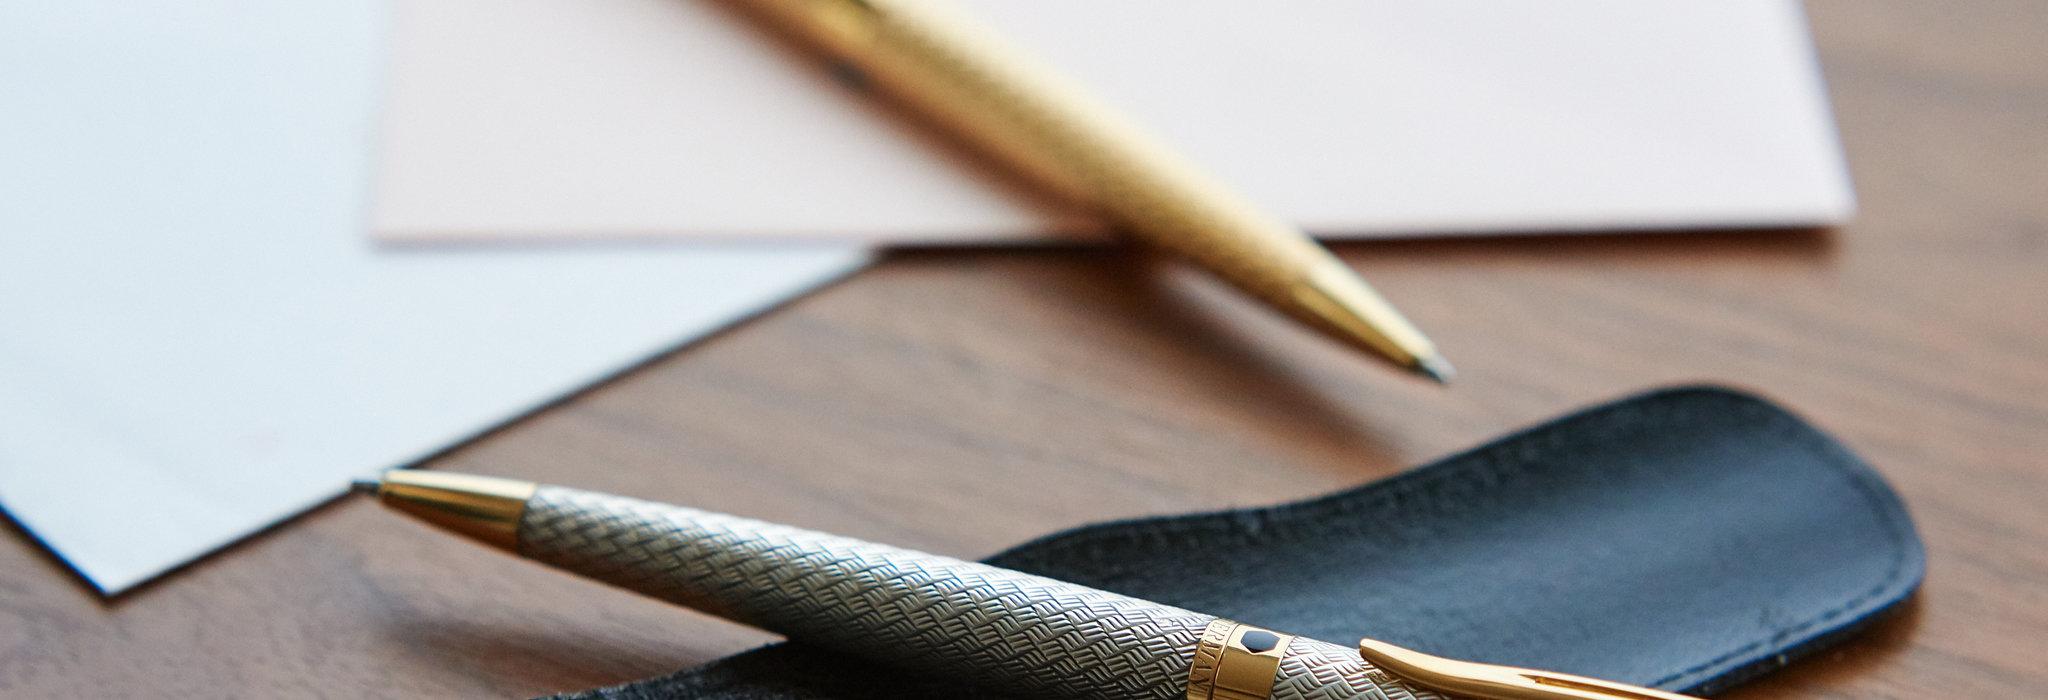 レタロン、カレン、ジェントルマン100。フランス生まれの筆記具、ウォーターマンに恋して。 _image